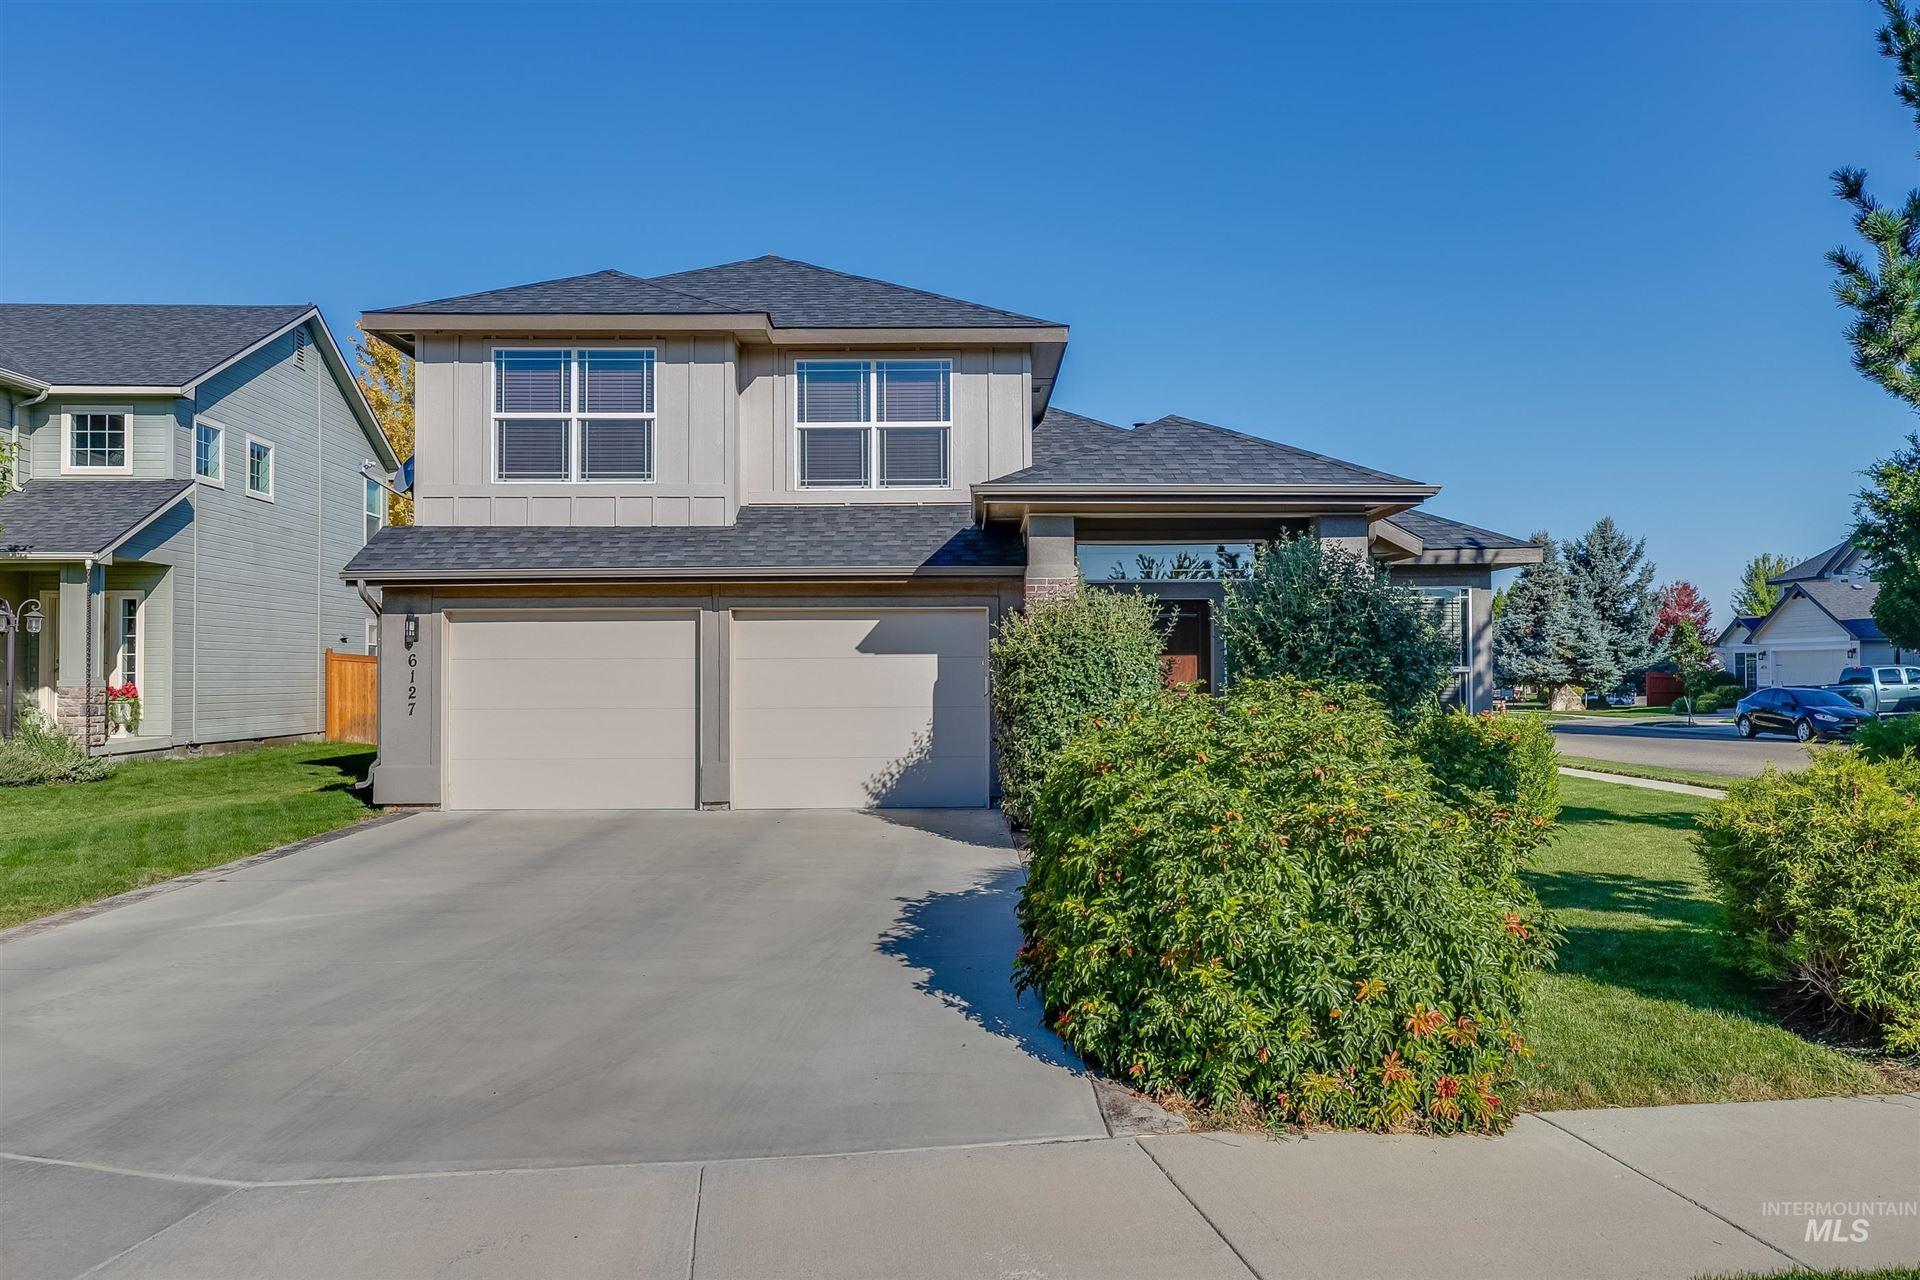 6127 S Moonfire Way, Boise, ID 83709 - MLS#: 98817847